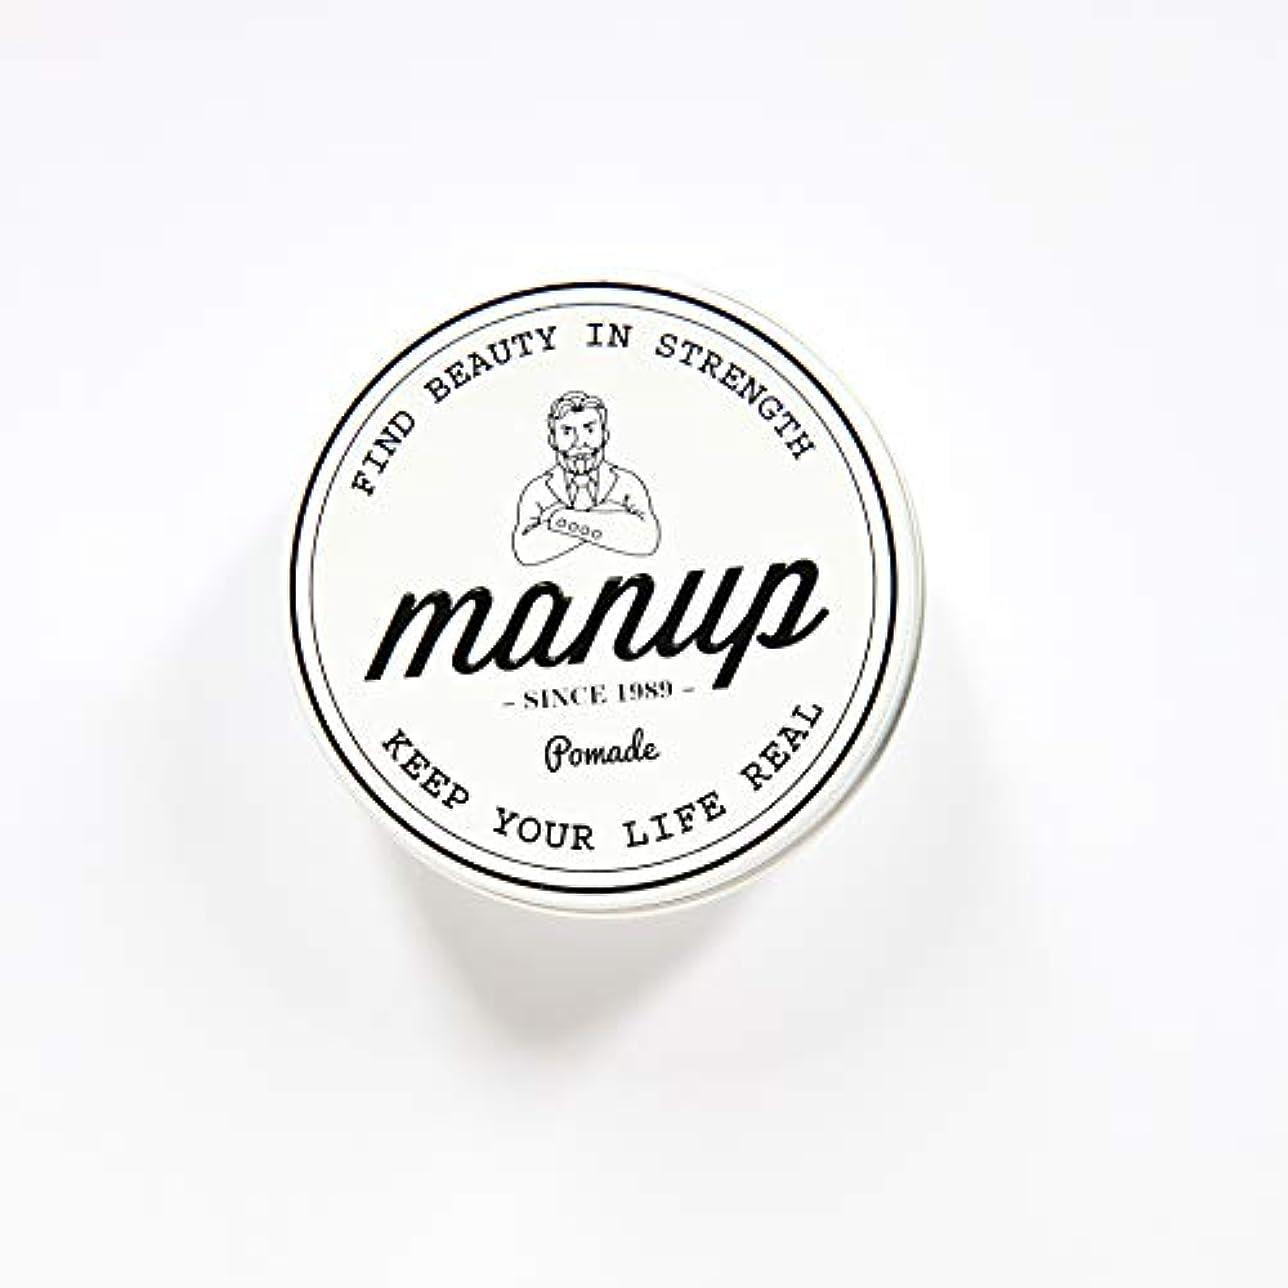 敵対的リスキーな場所MANUP(マンアップ)FIND BEAUTY IN STRENGTH 100g 水性ポマード 整髪料